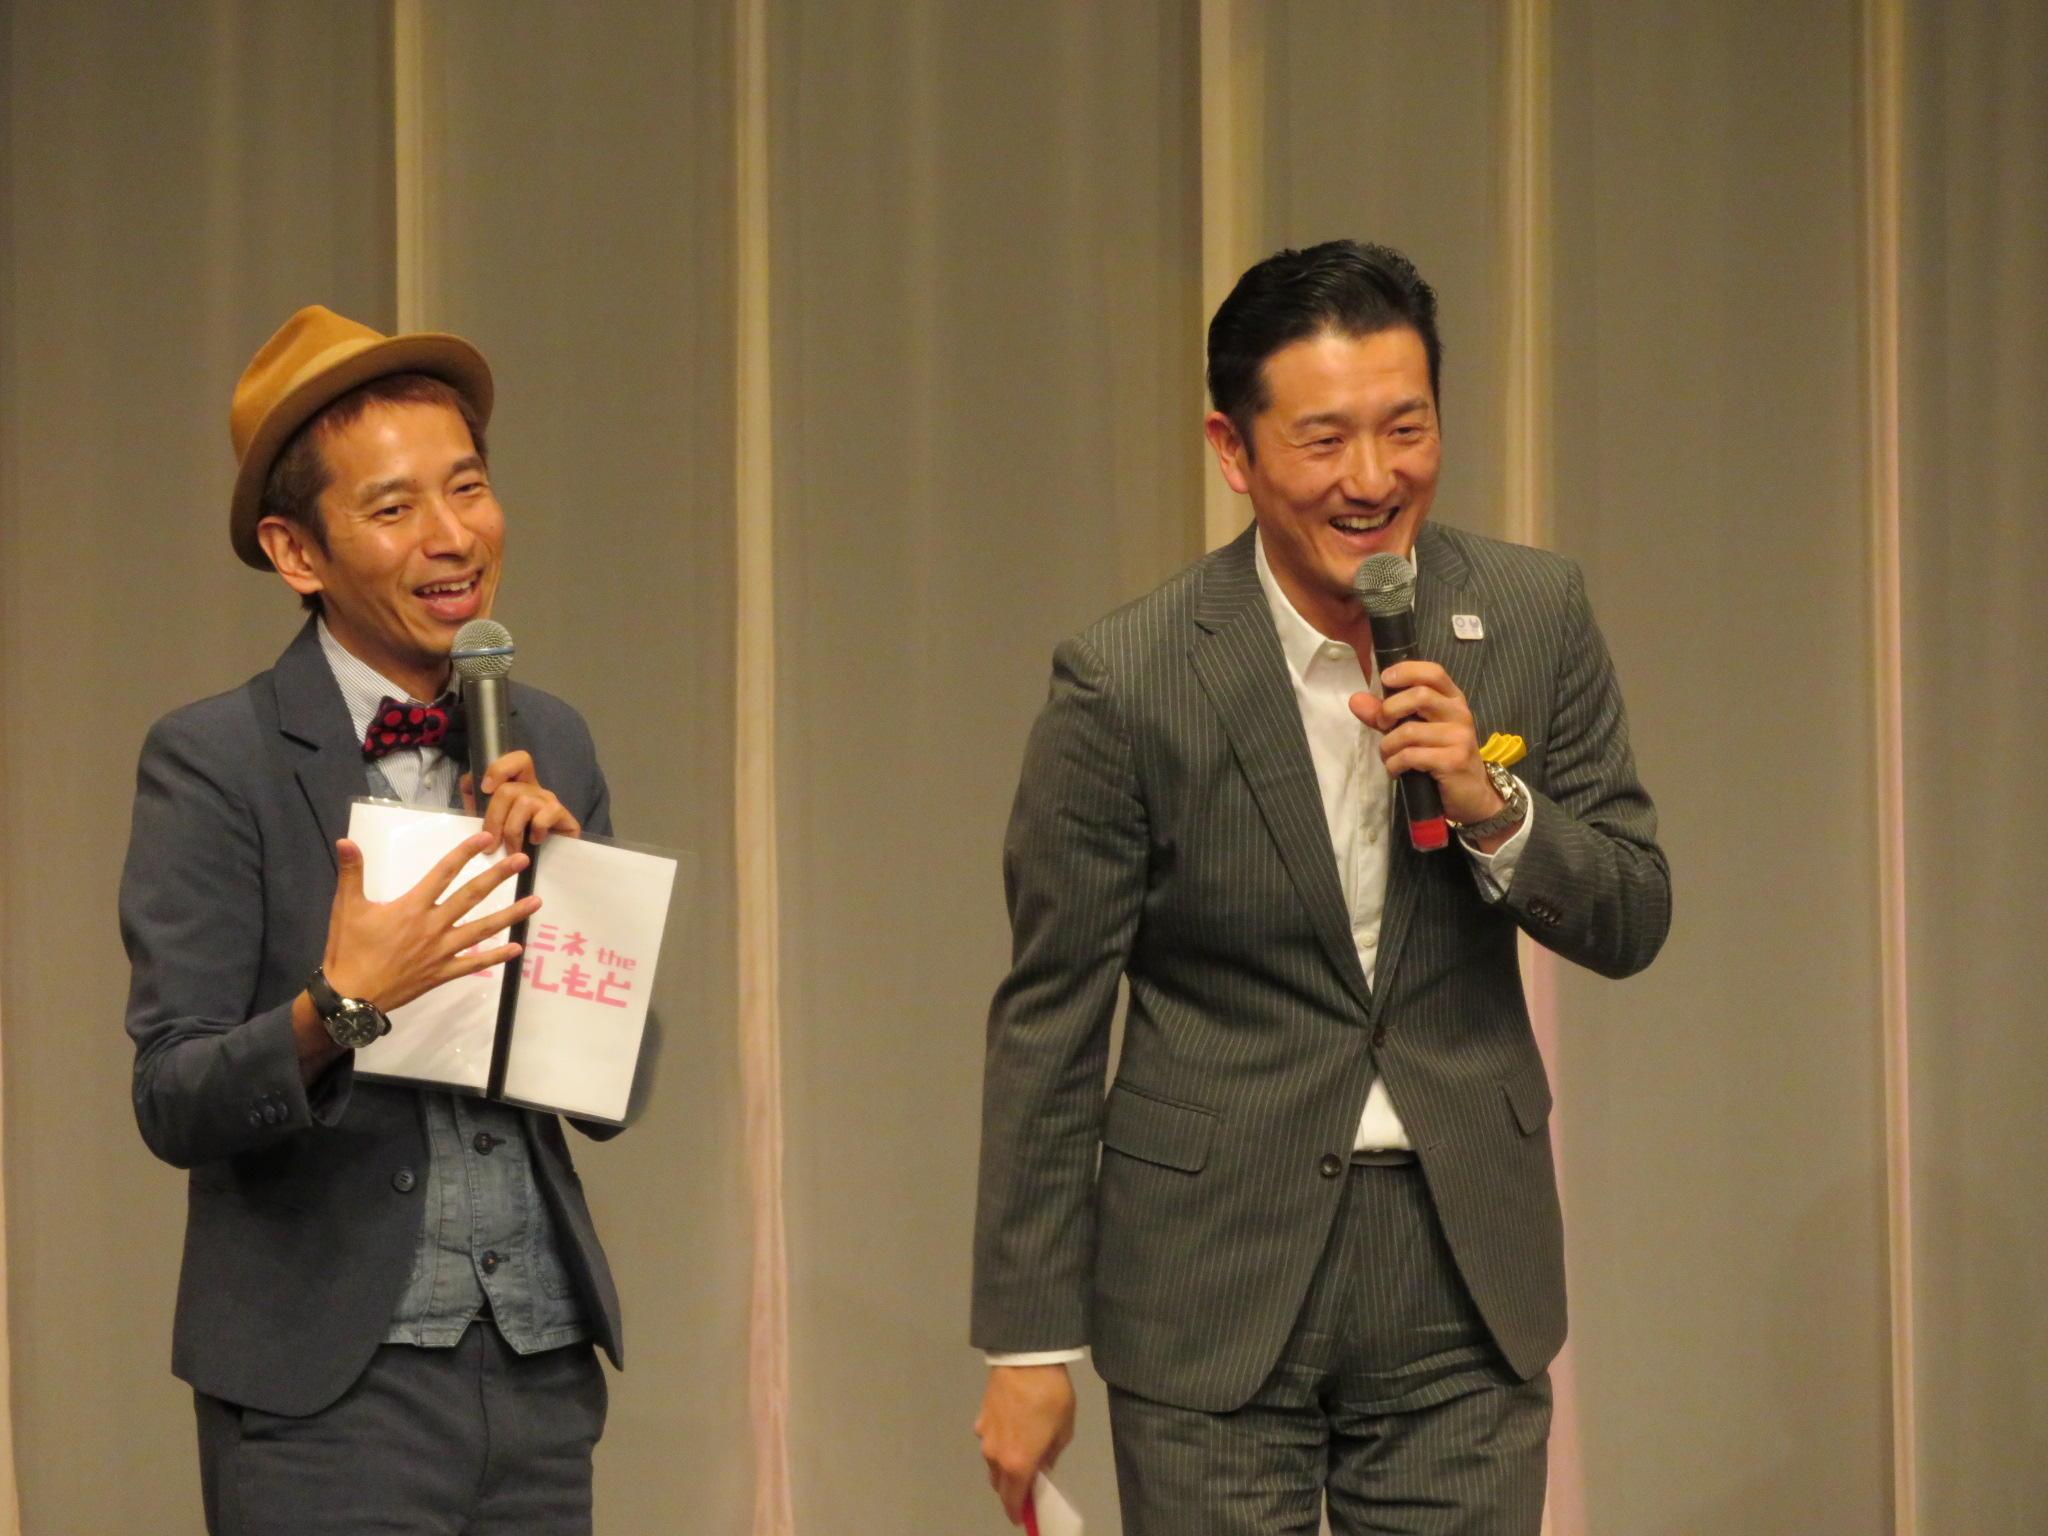 http://news.yoshimoto.co.jp/20180110190213-2761c235c5a3b10c10e4349ddcd466c181e695ae.jpg